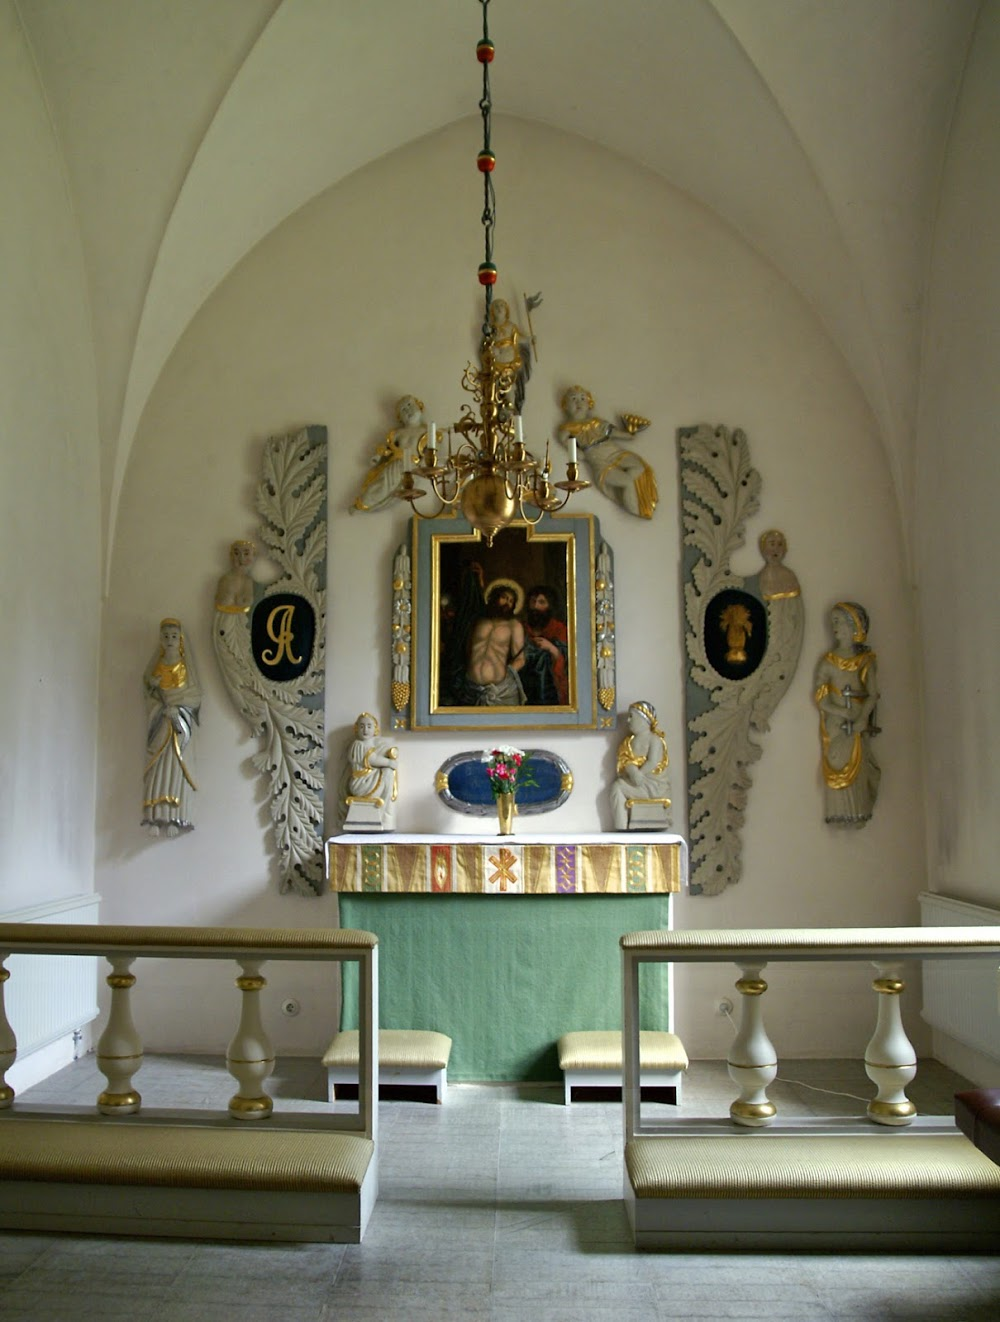 Fullösa kyrka